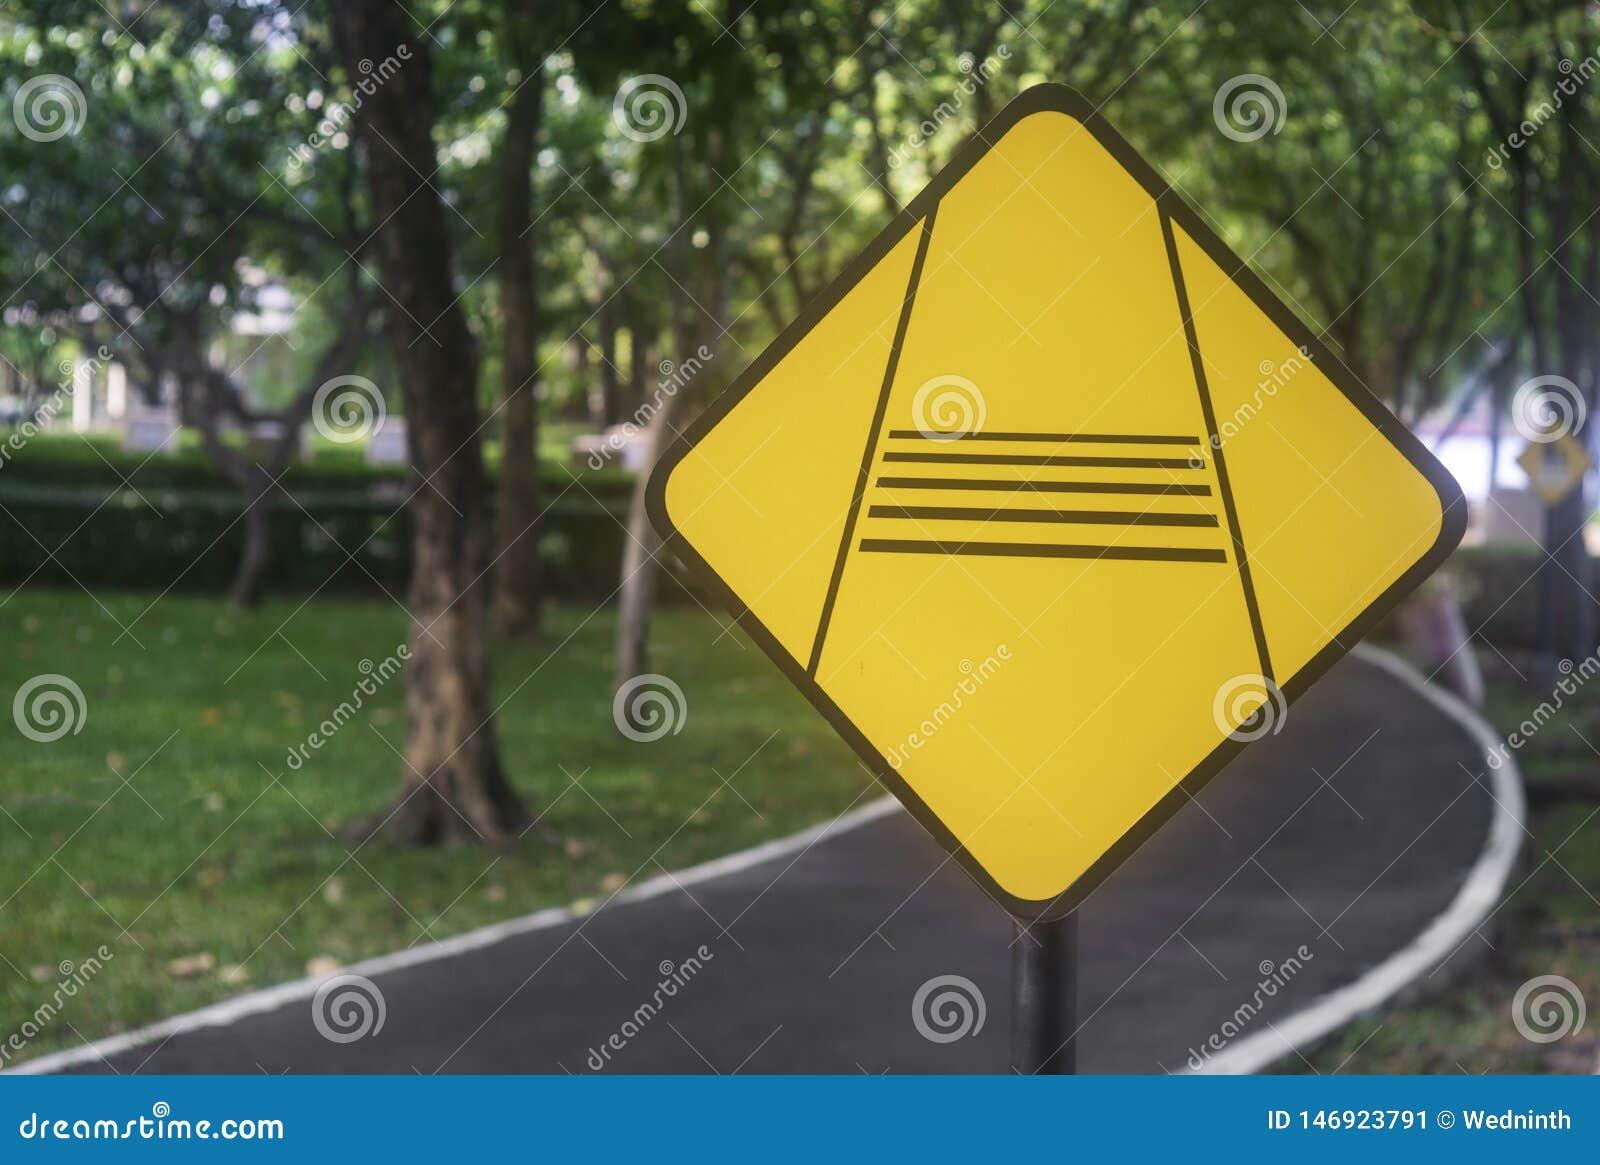 Дорожные знаки в парке